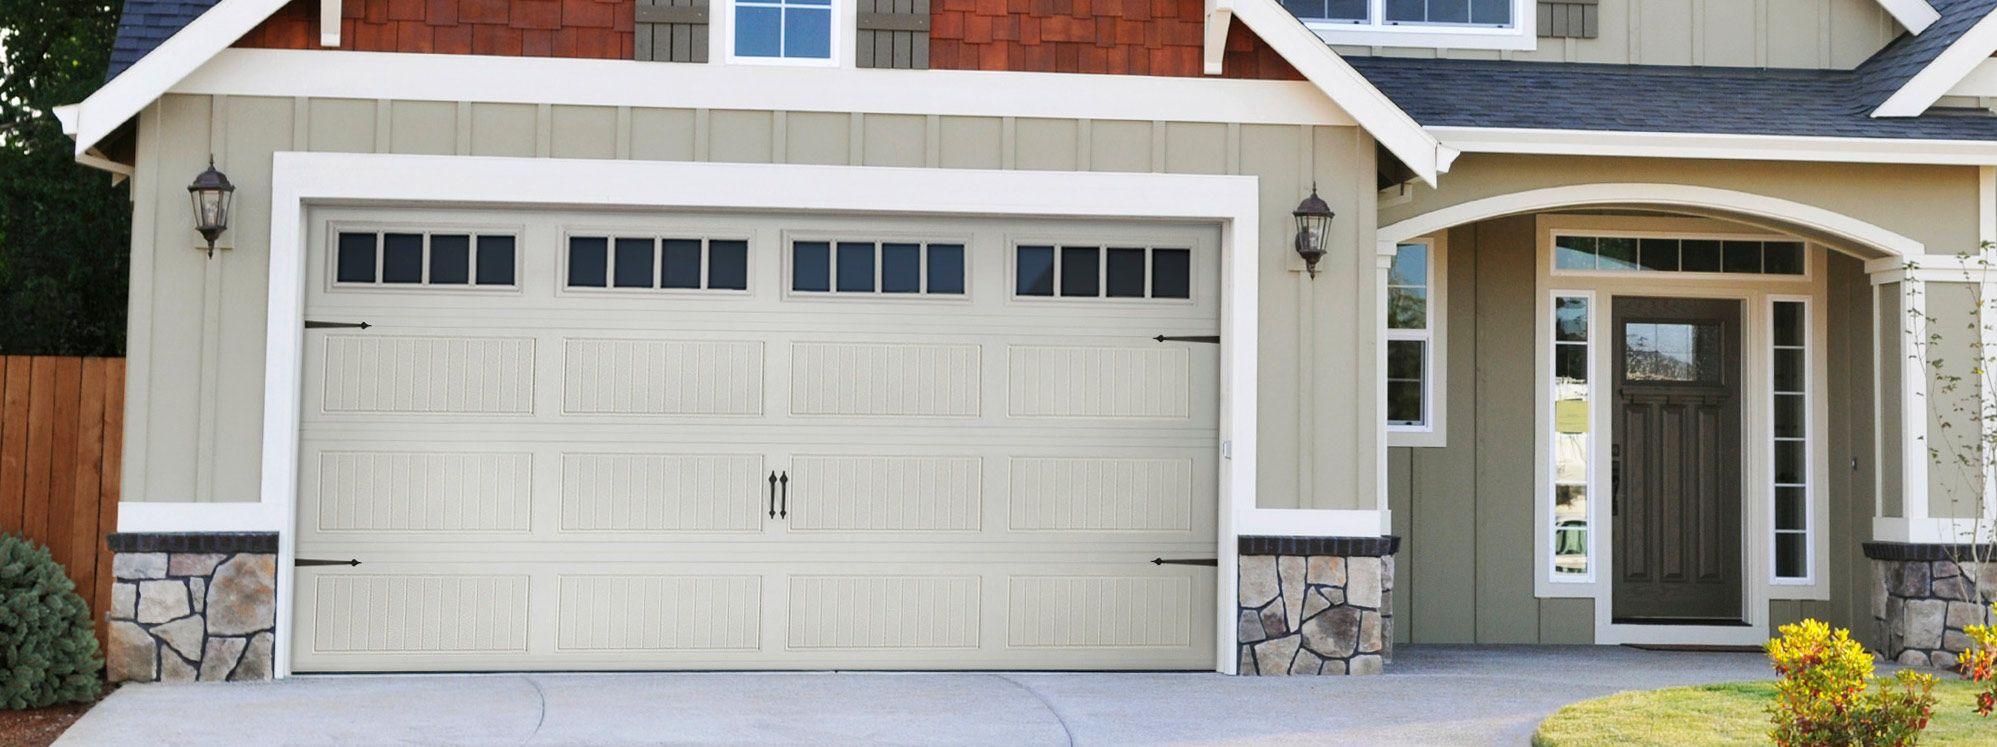 Http://garage Door Repair Sun City West.com/